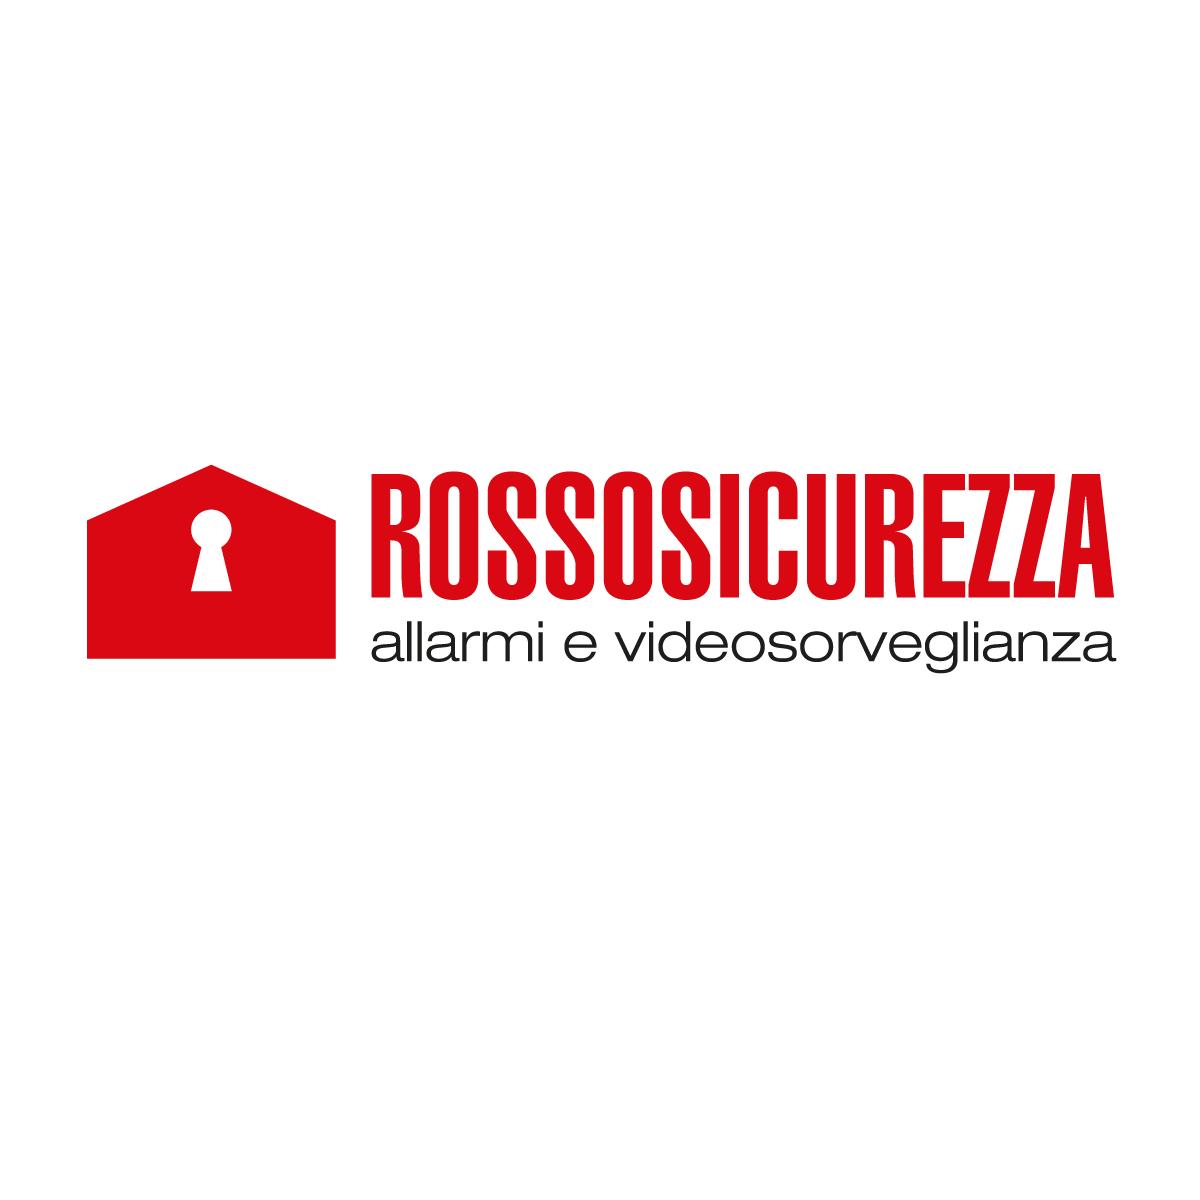 Rossosicurezza, Logo